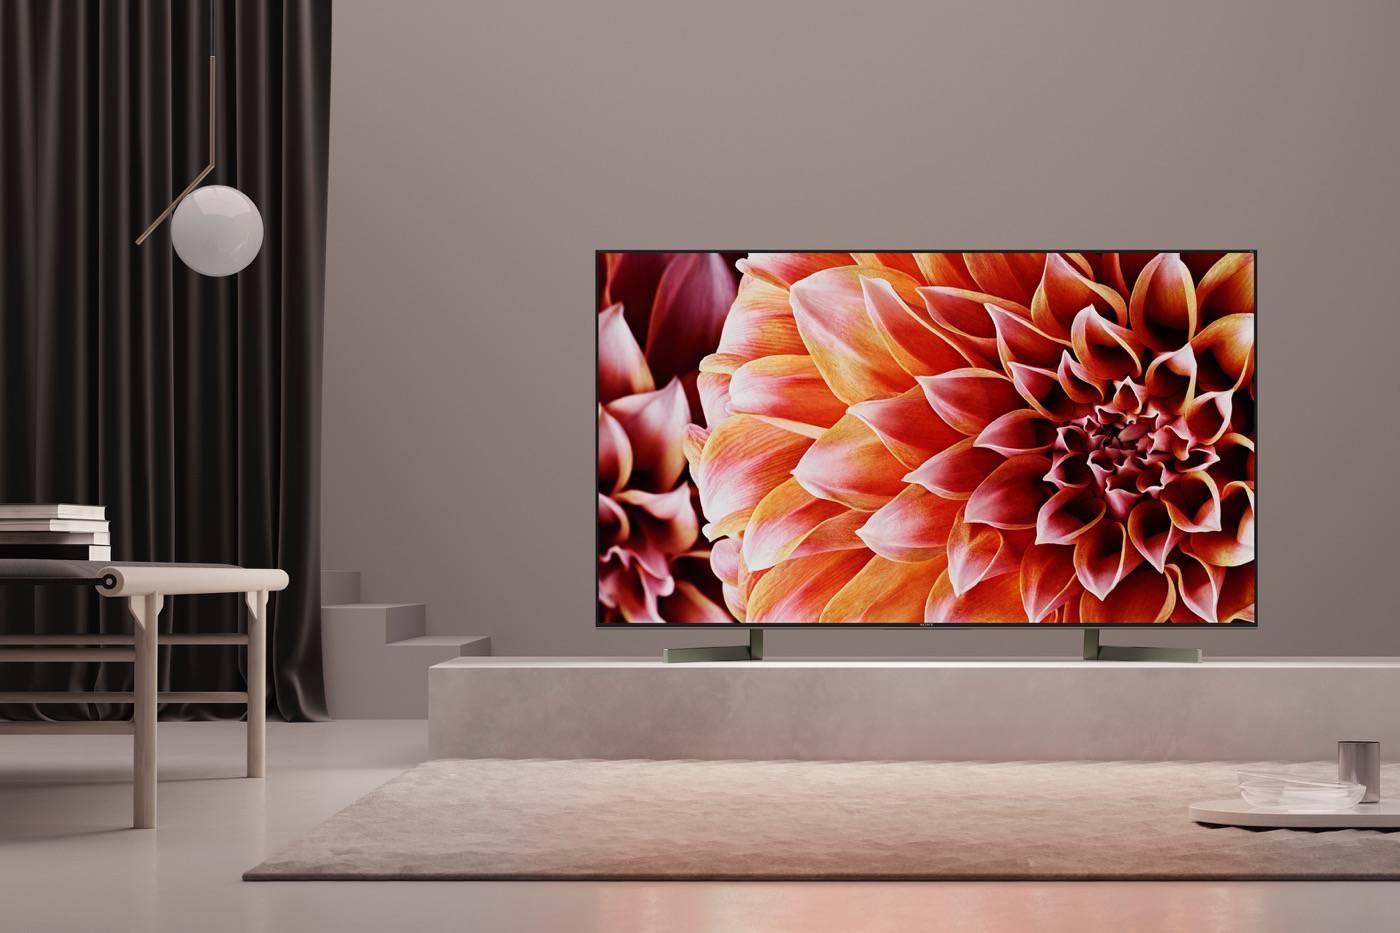 Los nuevos televisores HDR 4K de Sony aterrizan en España